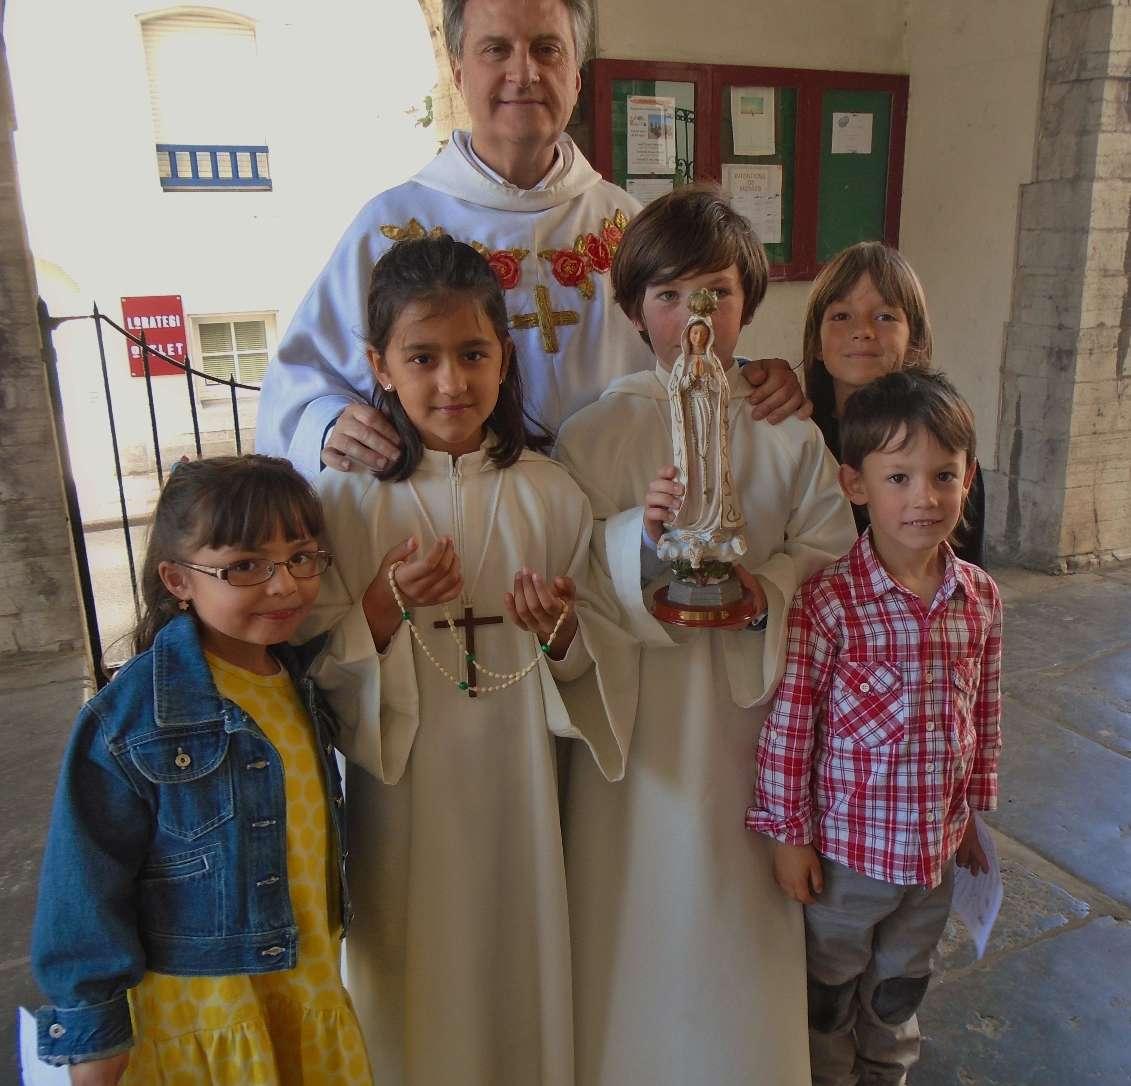 Angela, Léa avec le chapelet, Jean-Marc confiant en de jeunes épaules, Daniel très honoré de sa précieuse charge, Ester et Martin